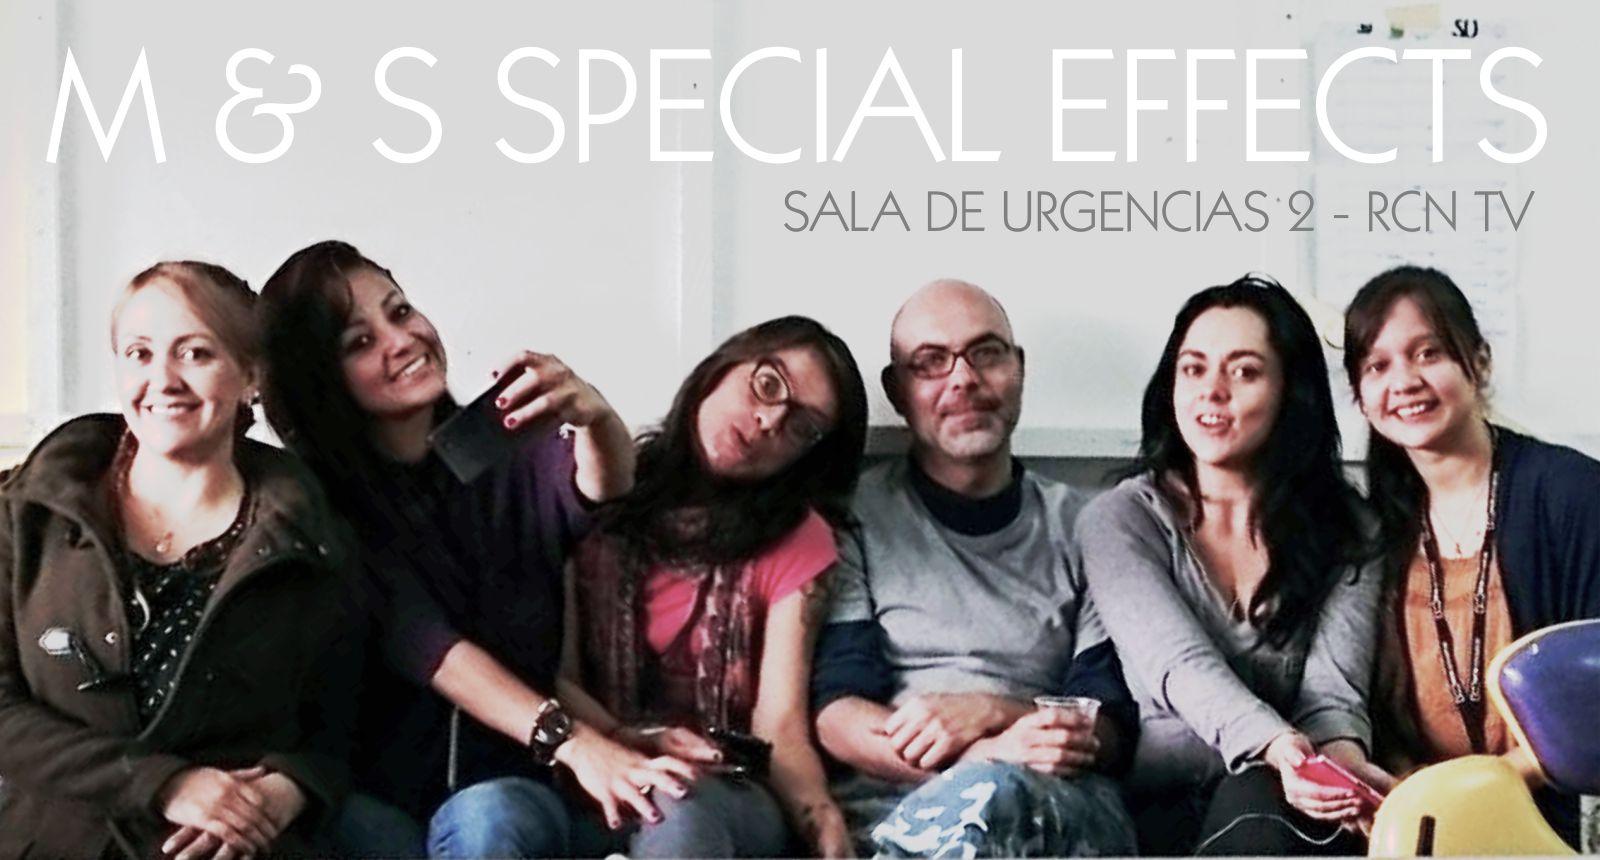 equipo fx de sala de urgencias 2 rcn tv colombia